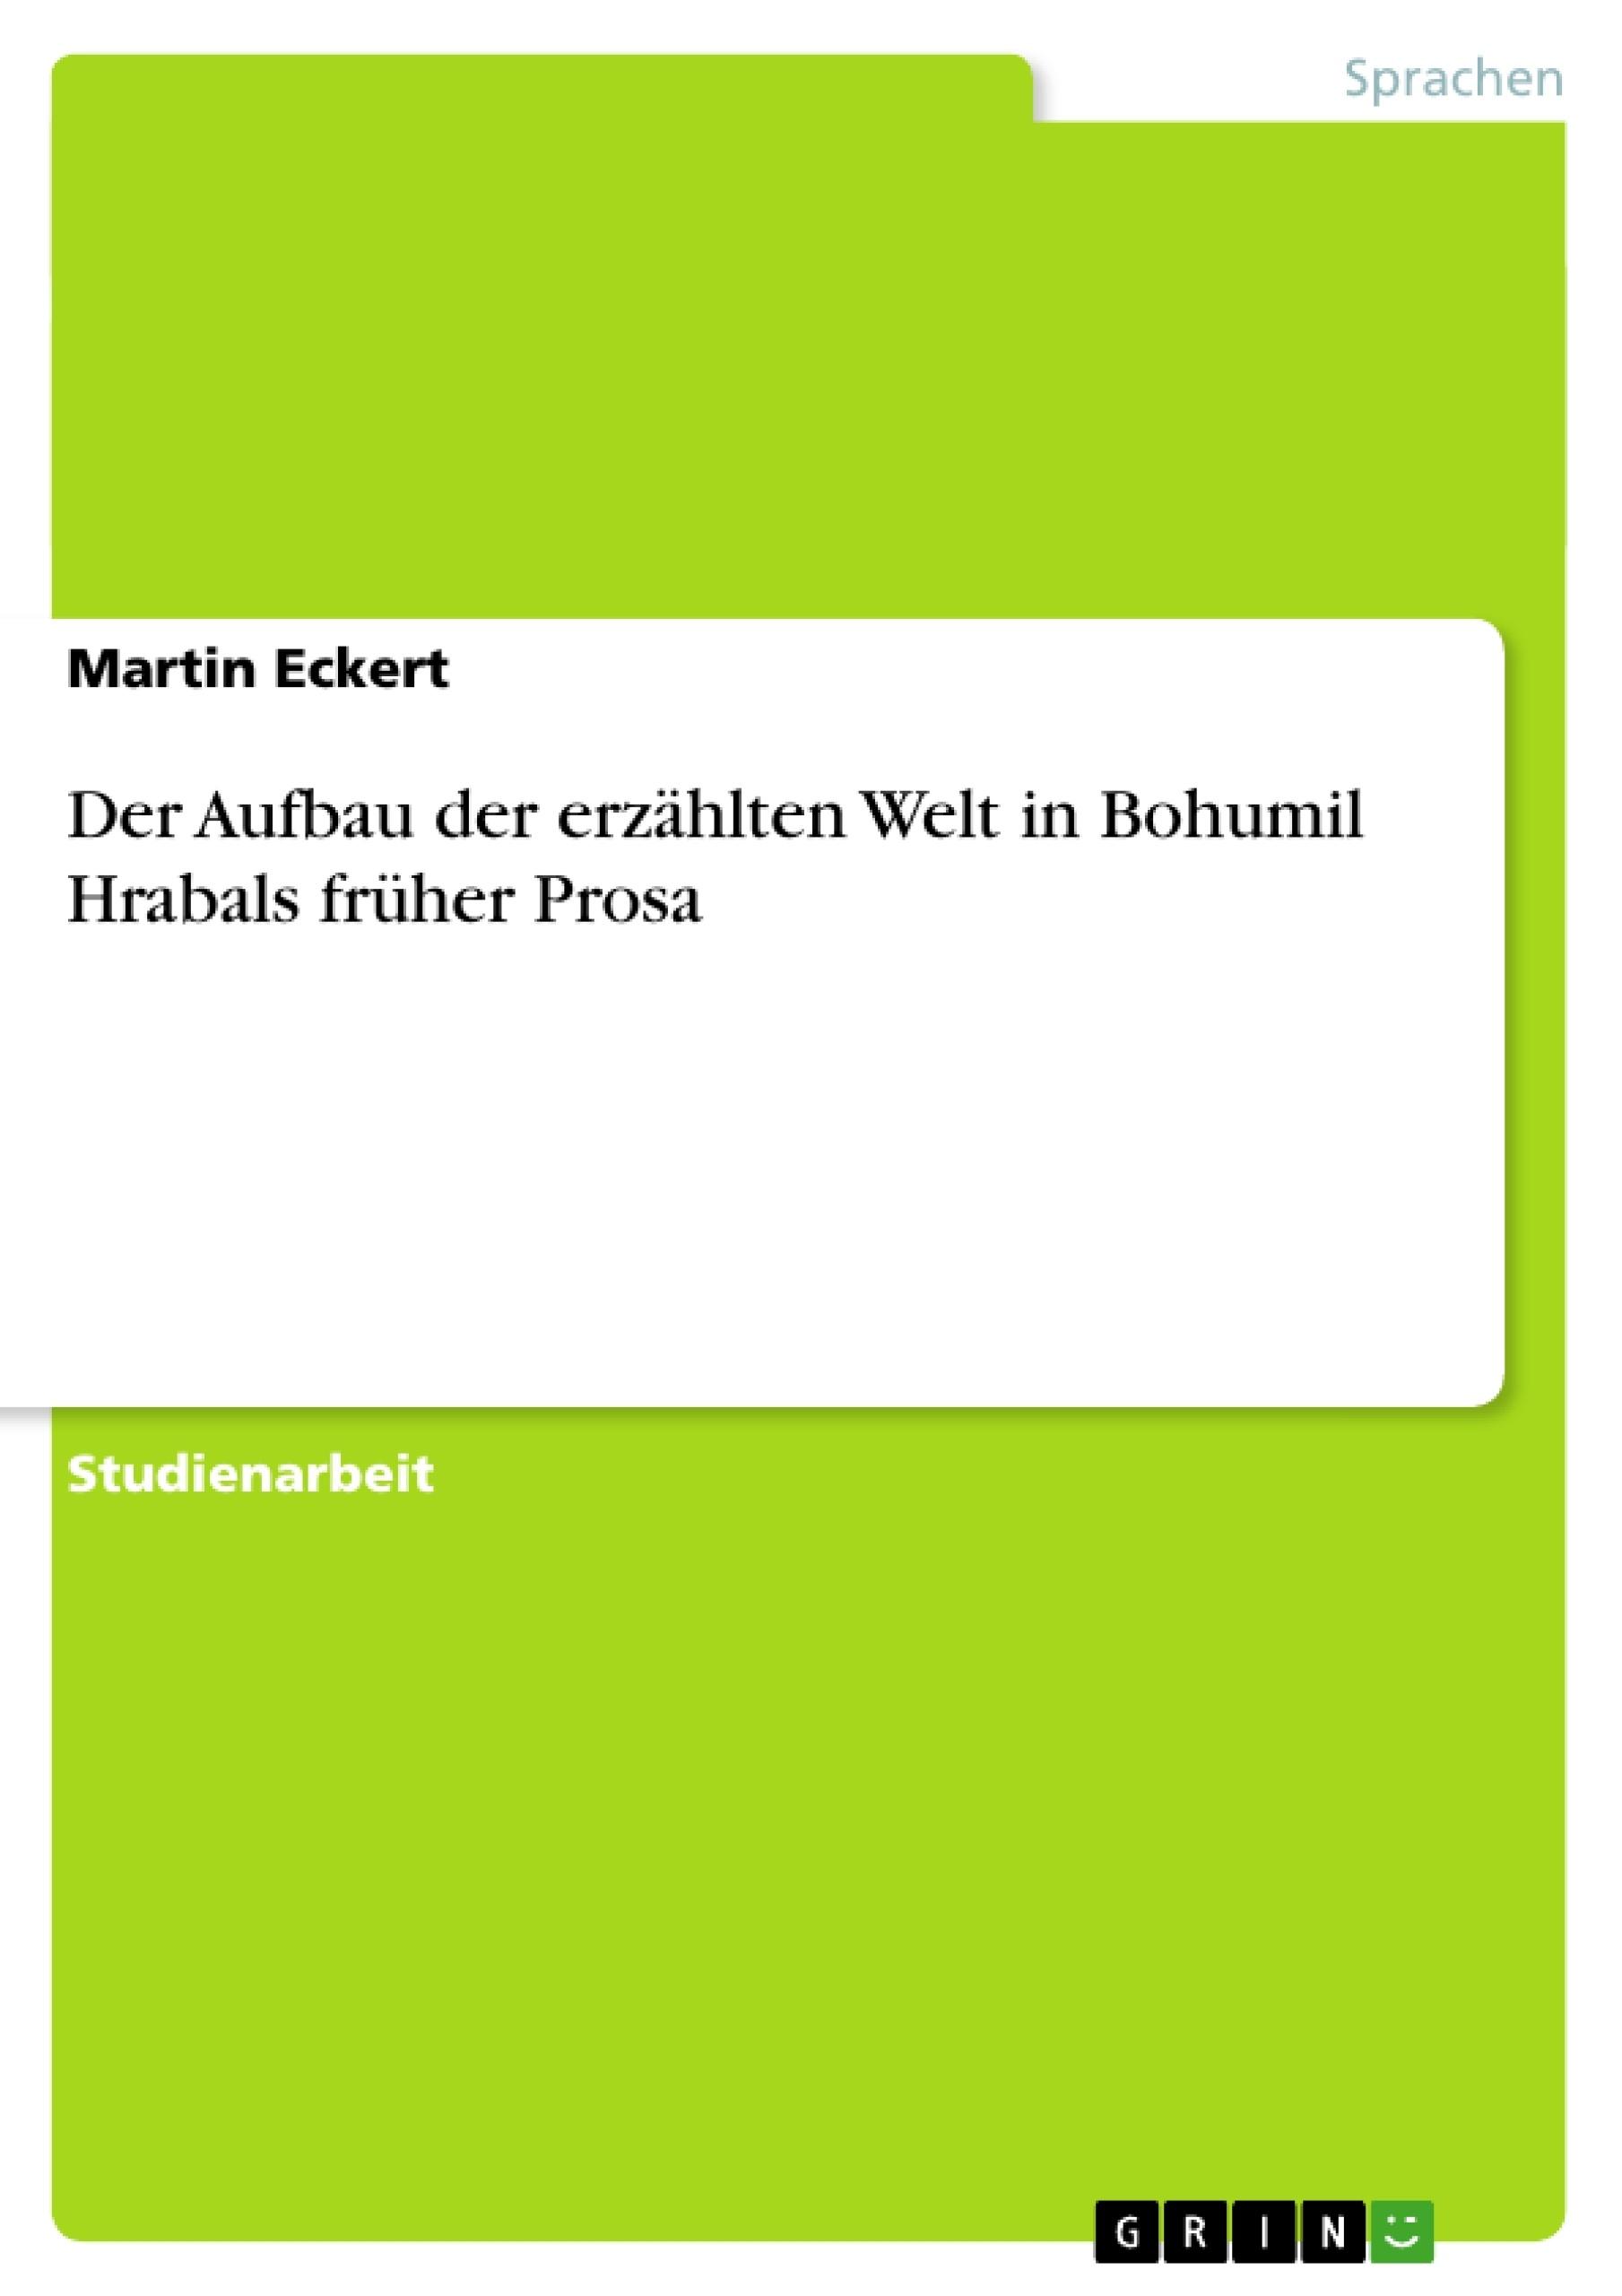 Titel: Der Aufbau der erzählten Welt in Bohumil Hrabals früher Prosa